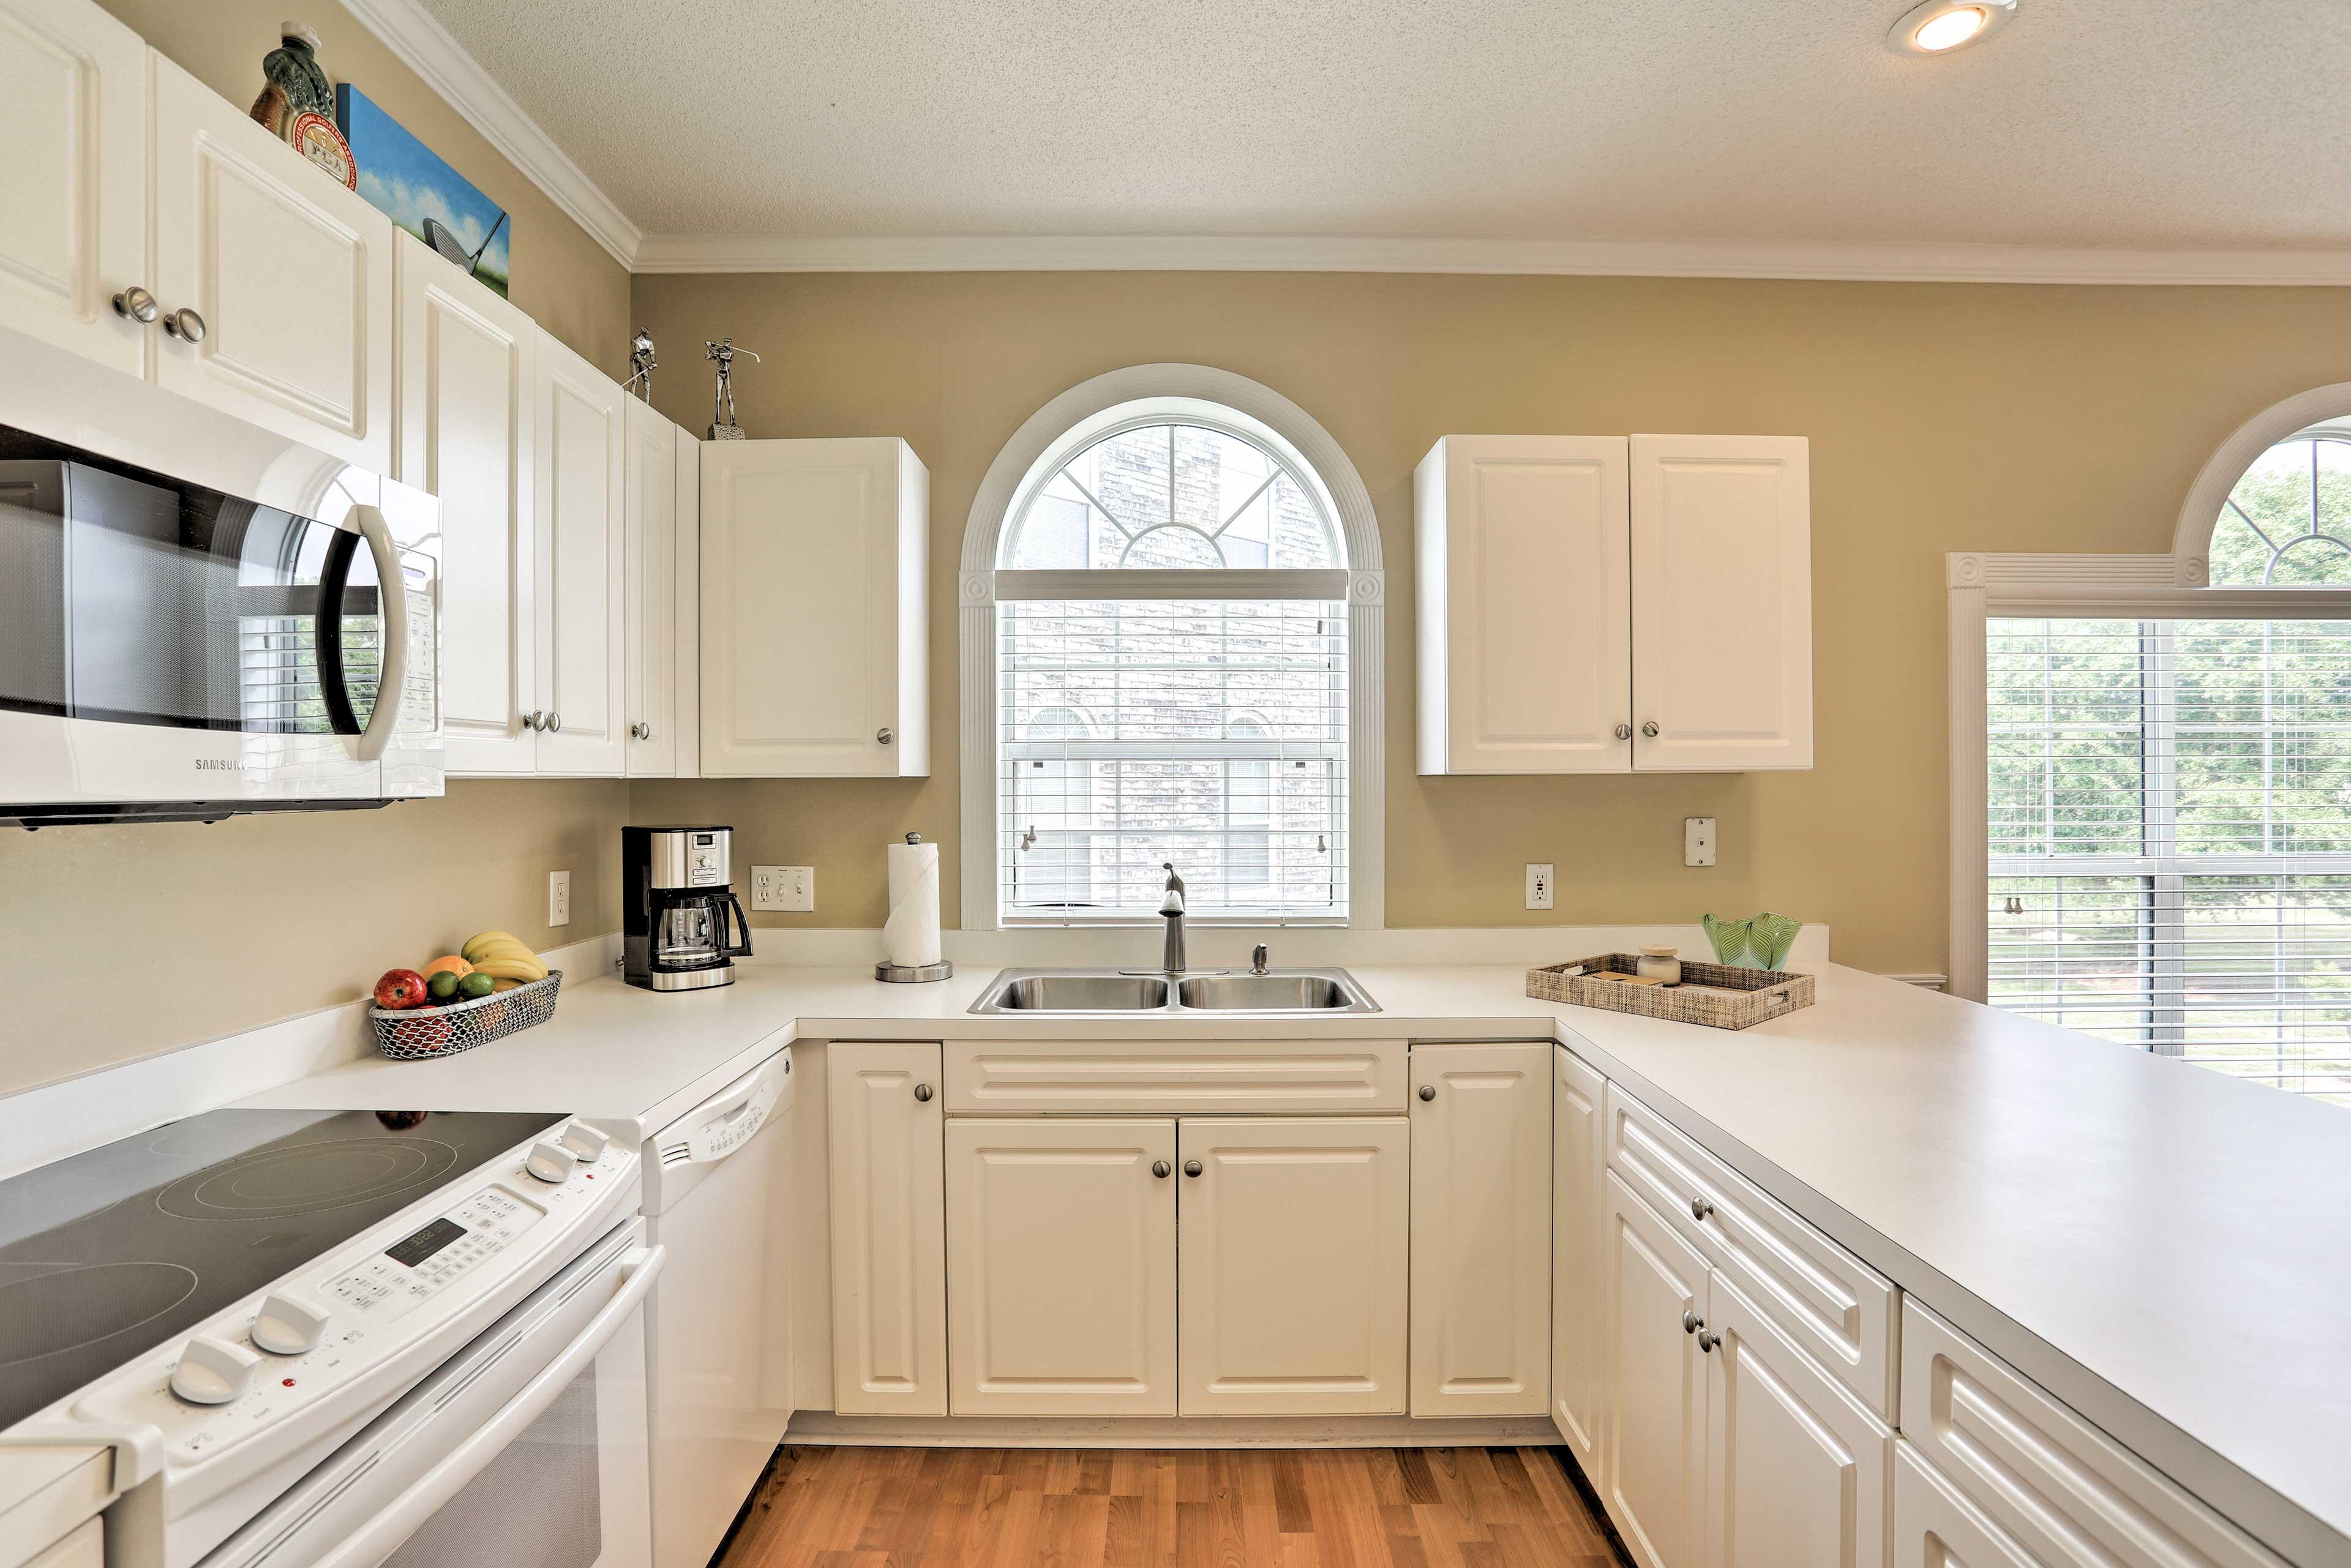 Kitchen | Drip Coffee Maker | Dishwasher